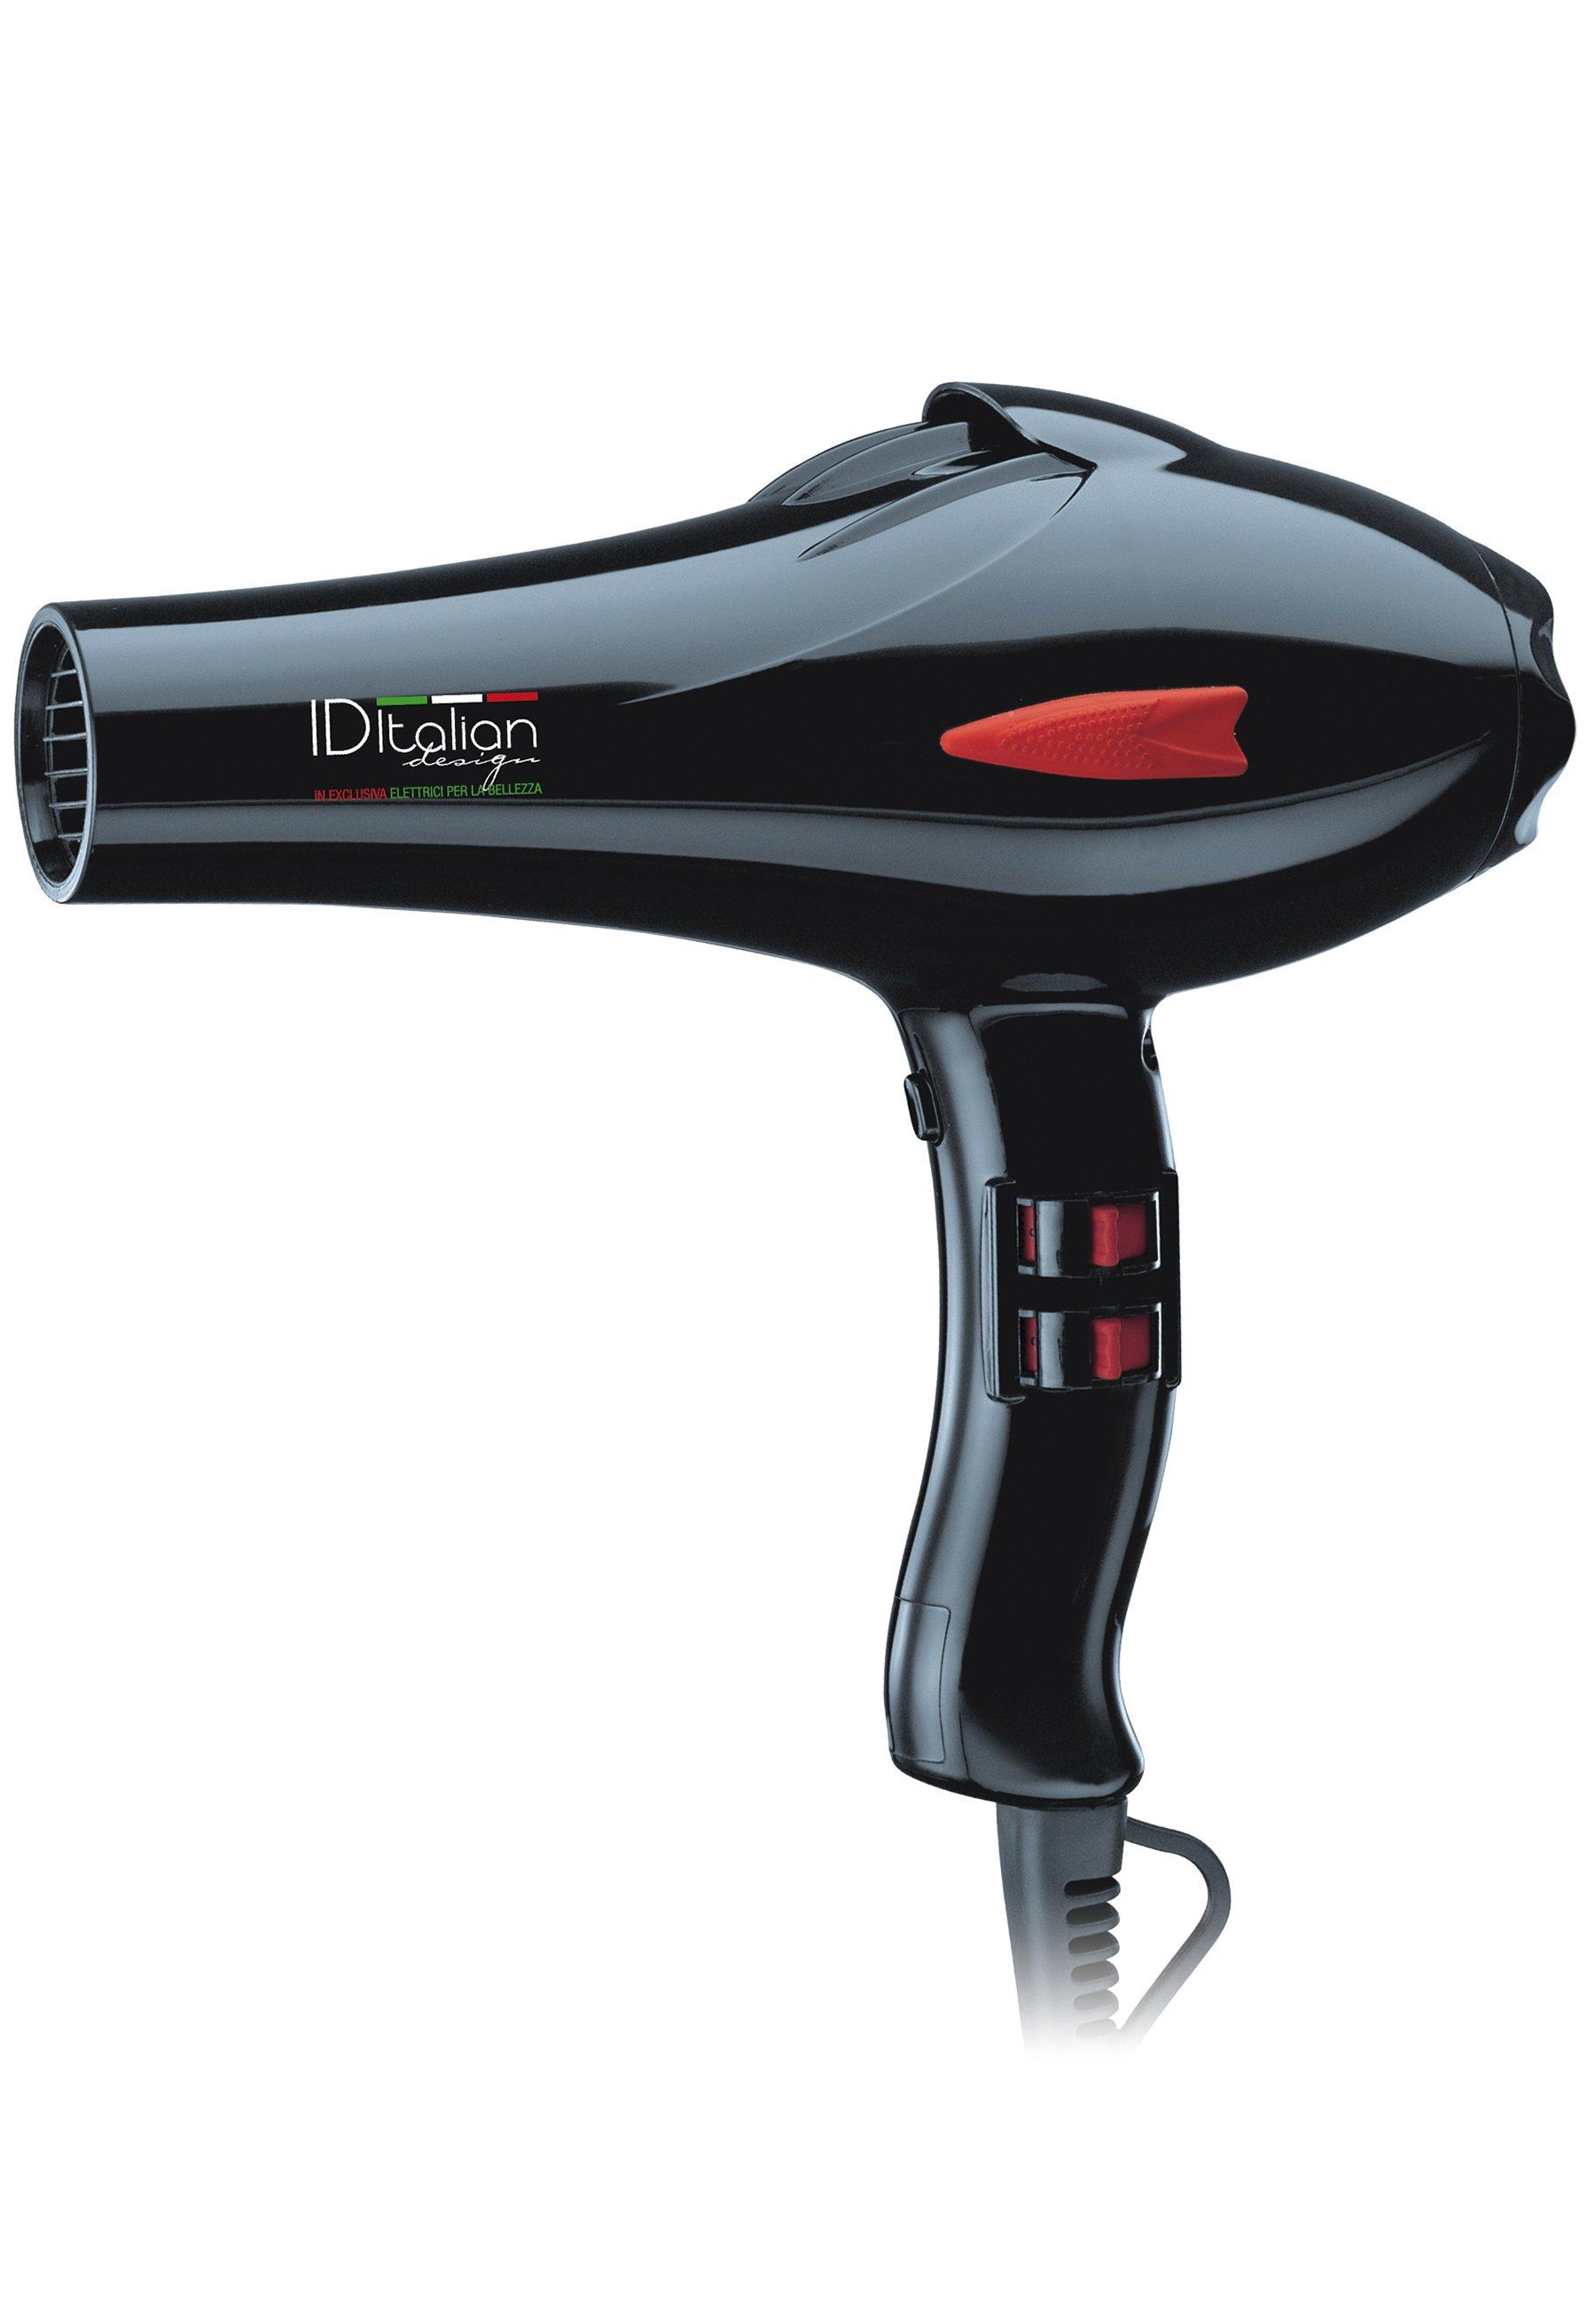 Damen ELECTRICAL ITEMS HAIR DRYER GTI 2300 W ITALIAN DESIGN - Haar-Styling-Accessoires